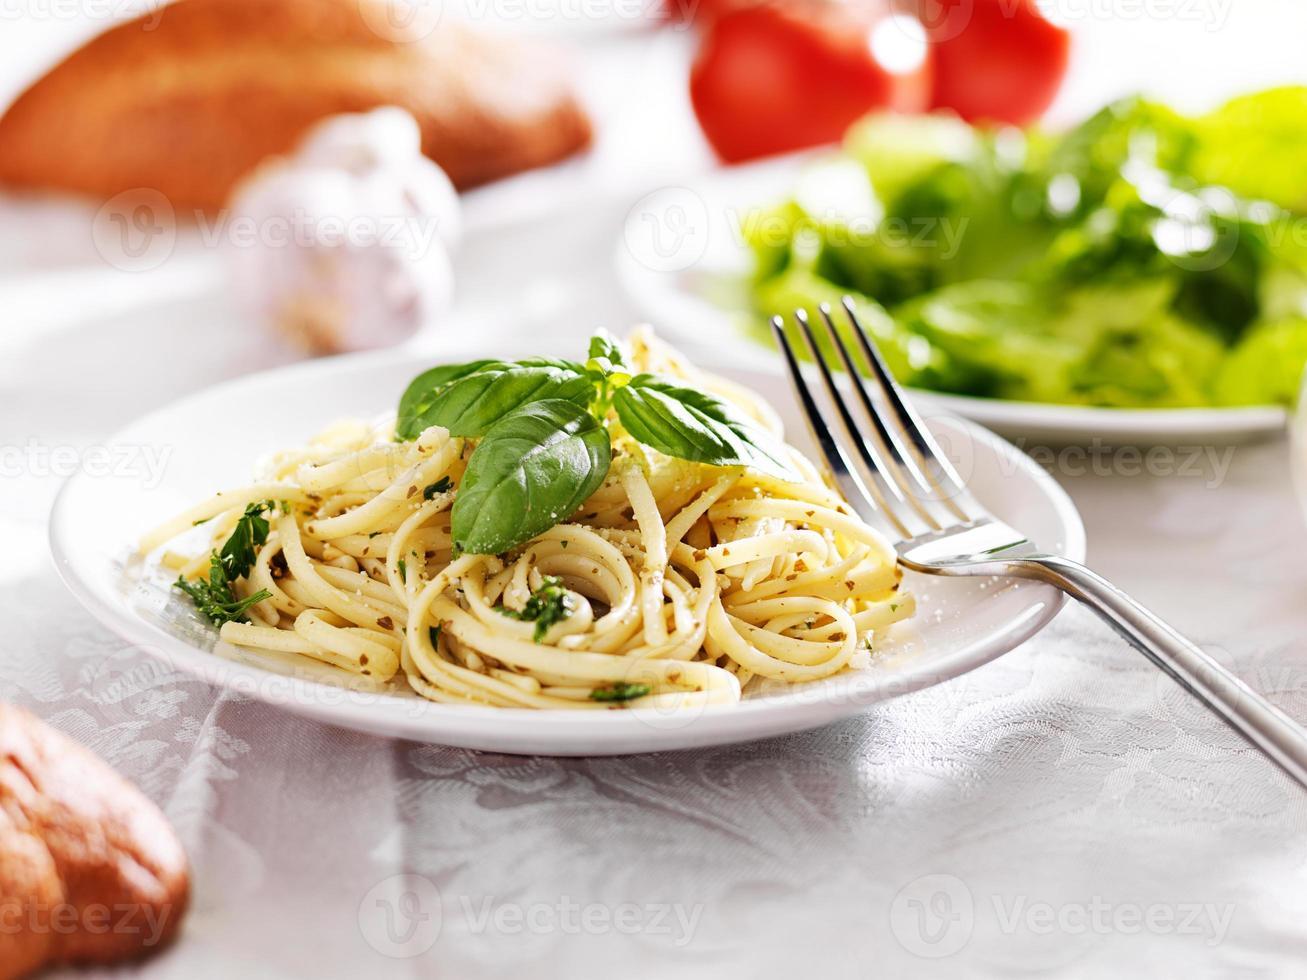 plato de espagueti italiano con salsa de pesto foto